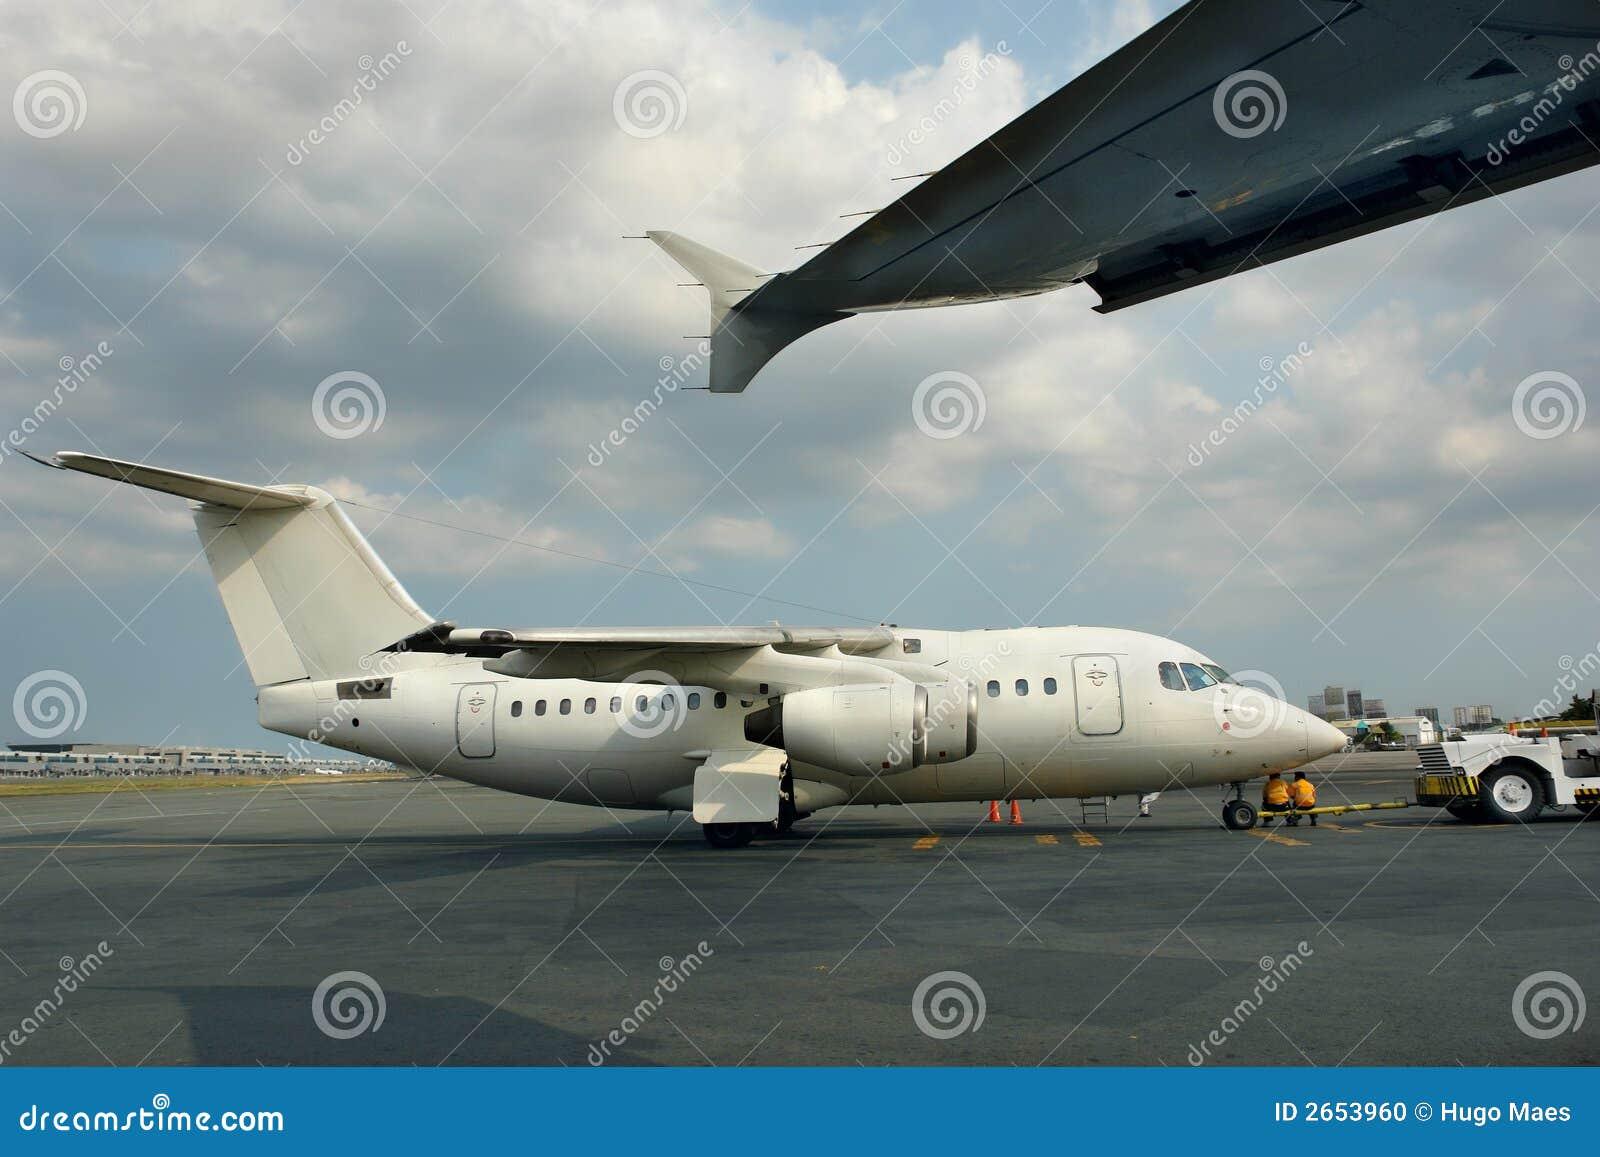 Aereo Privato Piccolo : Piccolo aereo di linea parcheggiato del jet fotografia